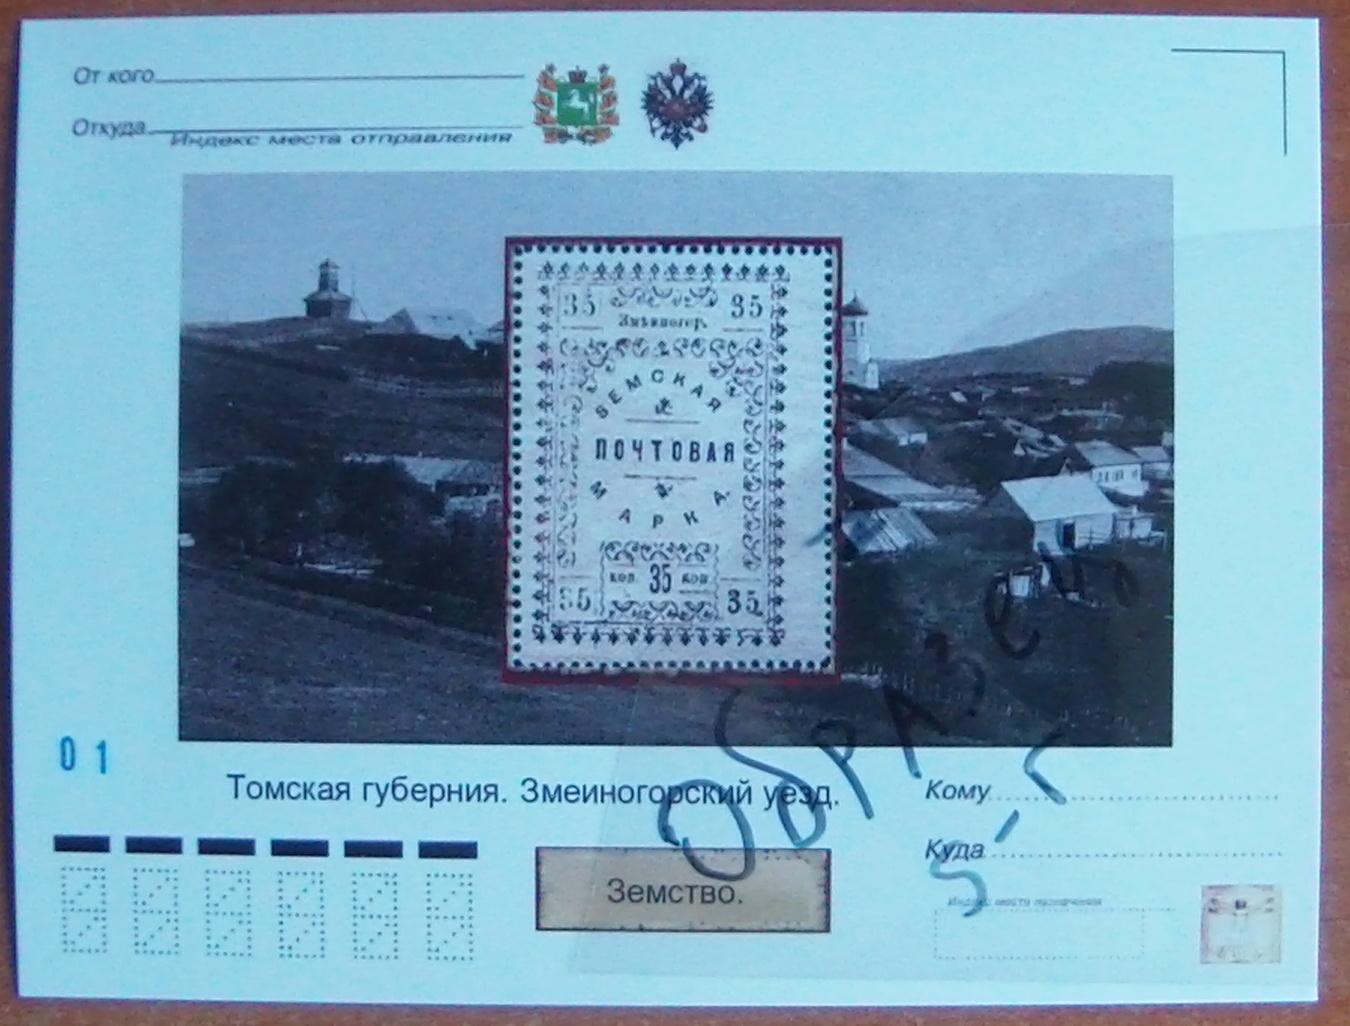 Змеиногорские редкости: марки земской почты